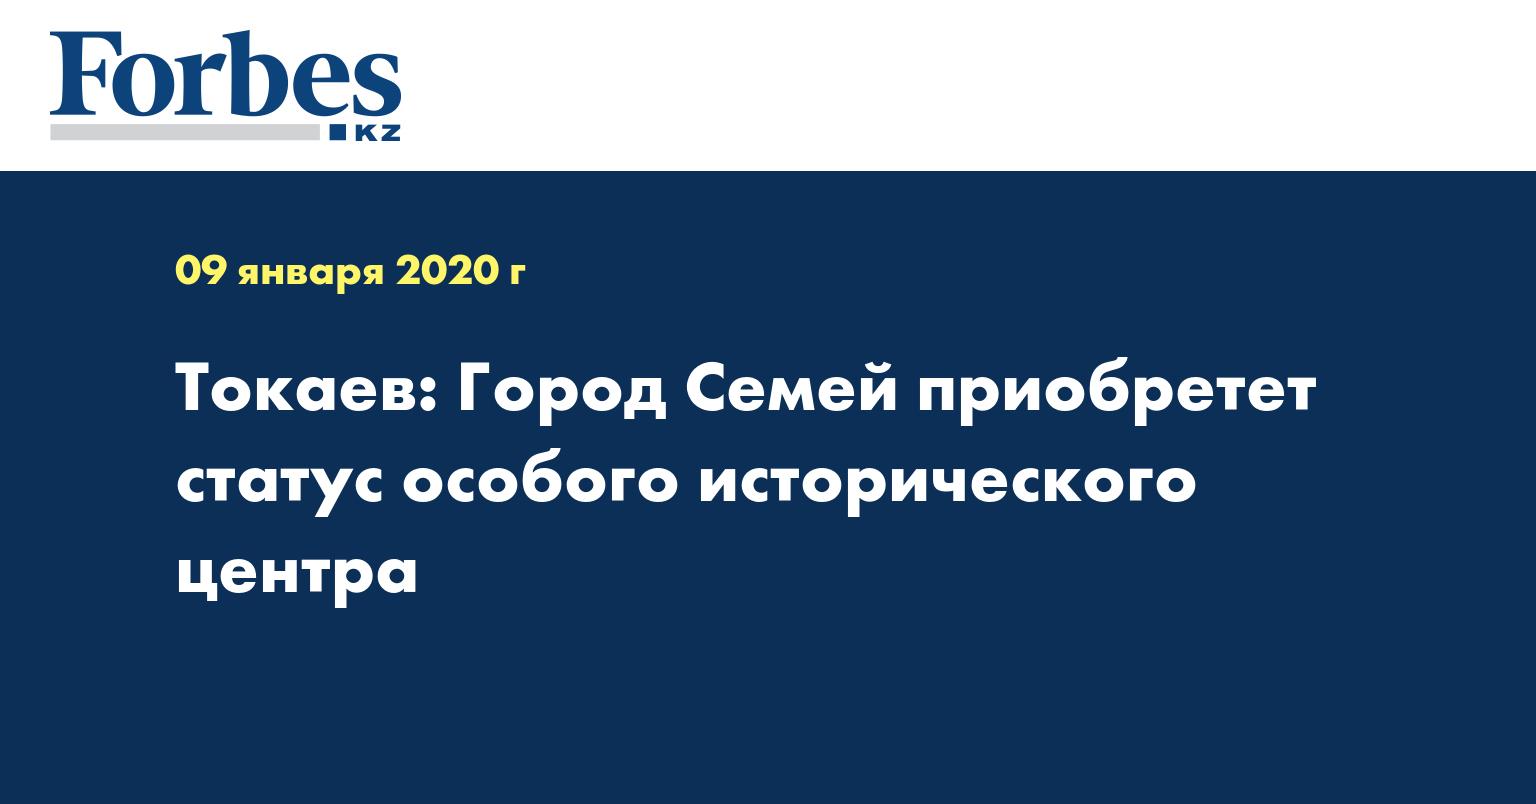 Токаев: Город Семей приобретет статус особого исторического центра